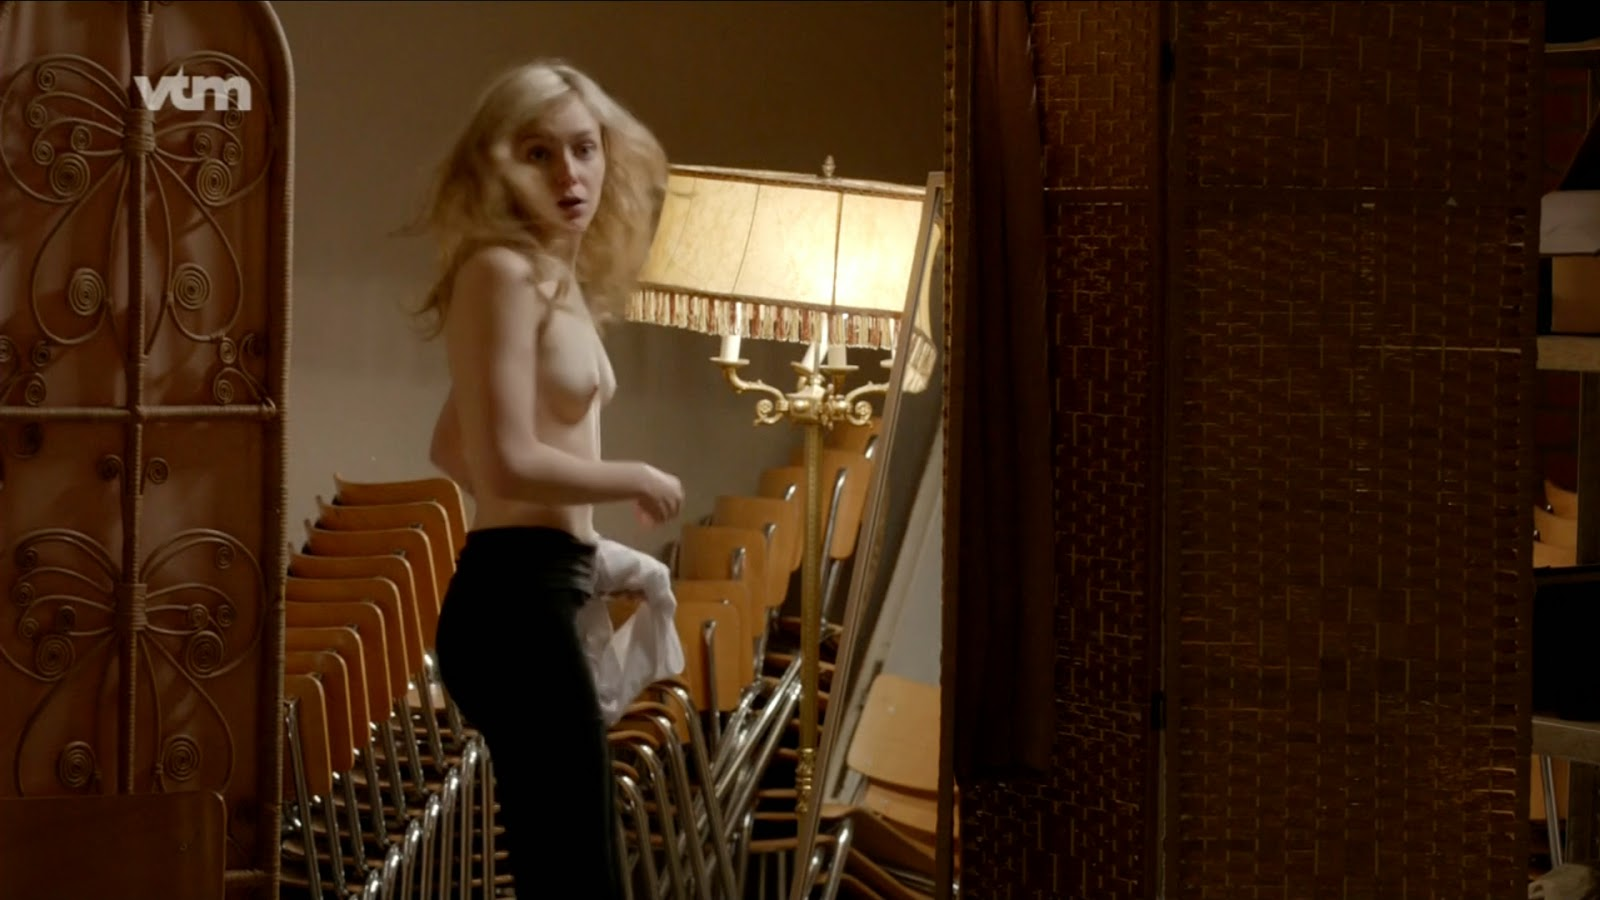 Amateur Nude Films 47